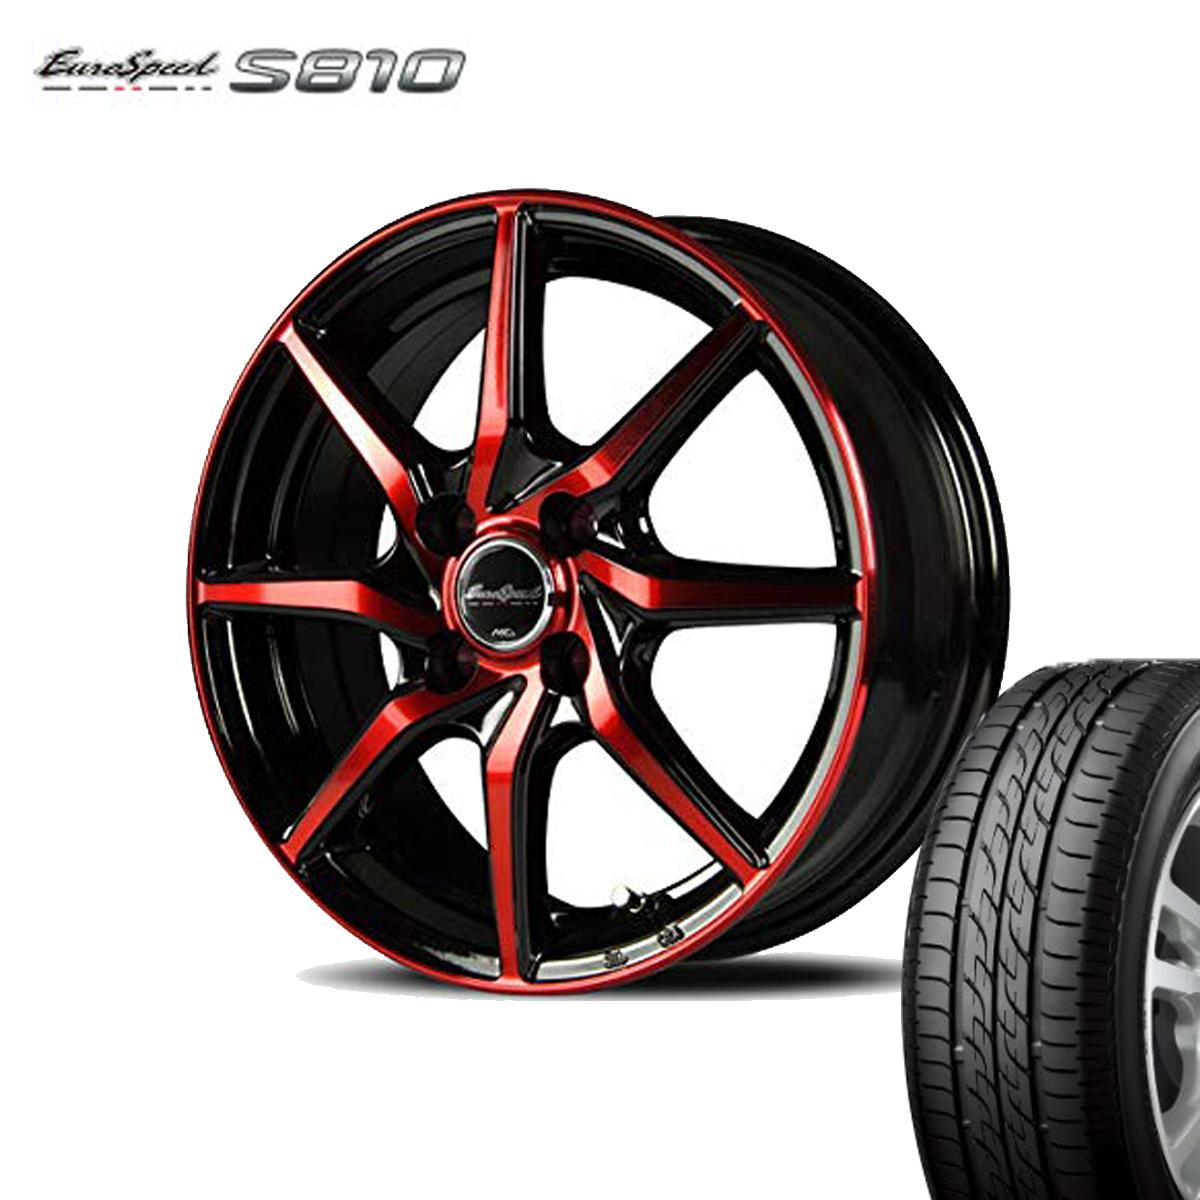 Euro Speed タイヤ ホイール セット 1本 17インチ 5H114.3 7.0J+38 ユーロスピード S810 マナレイ スポーツ 特選輸入タイヤ 225/60R17 225 60 17